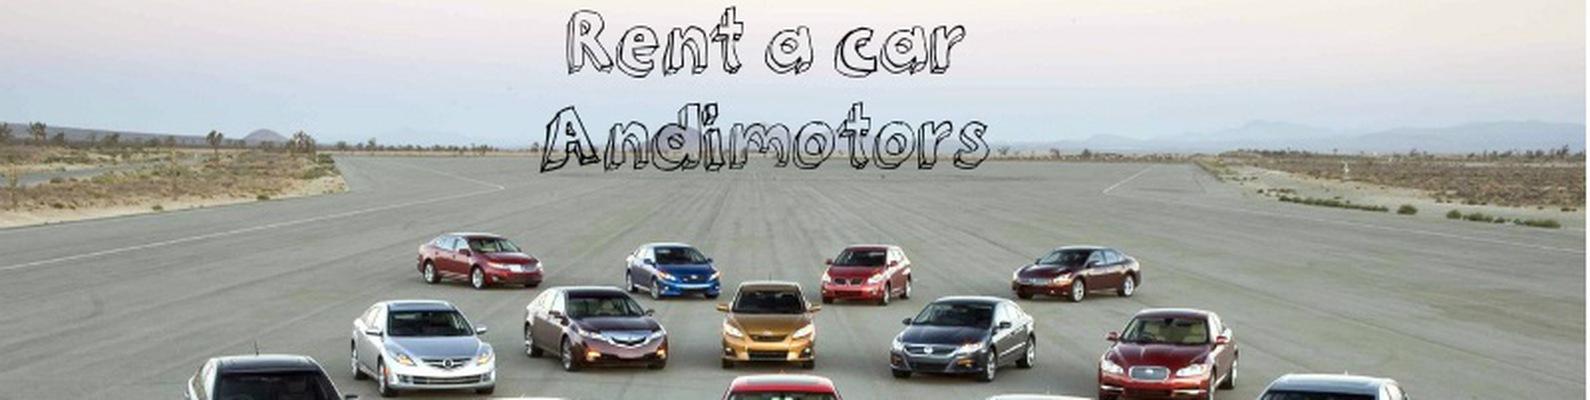 аренда авто прокат авто аренда автомобиля